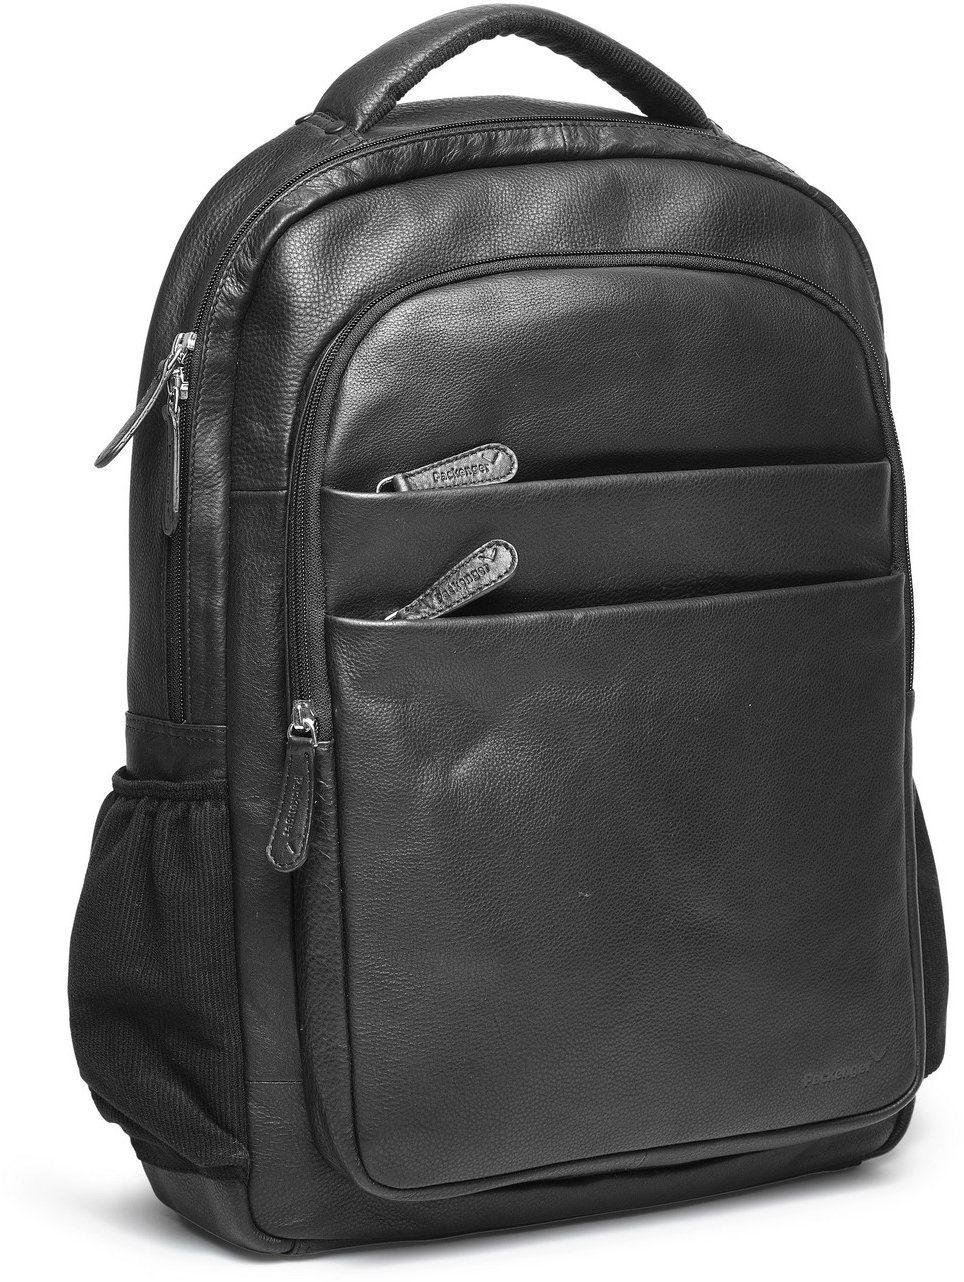 Packenger Rucksack mit 15-Zoll Laptoptasche, »Kjaran, schwarz«